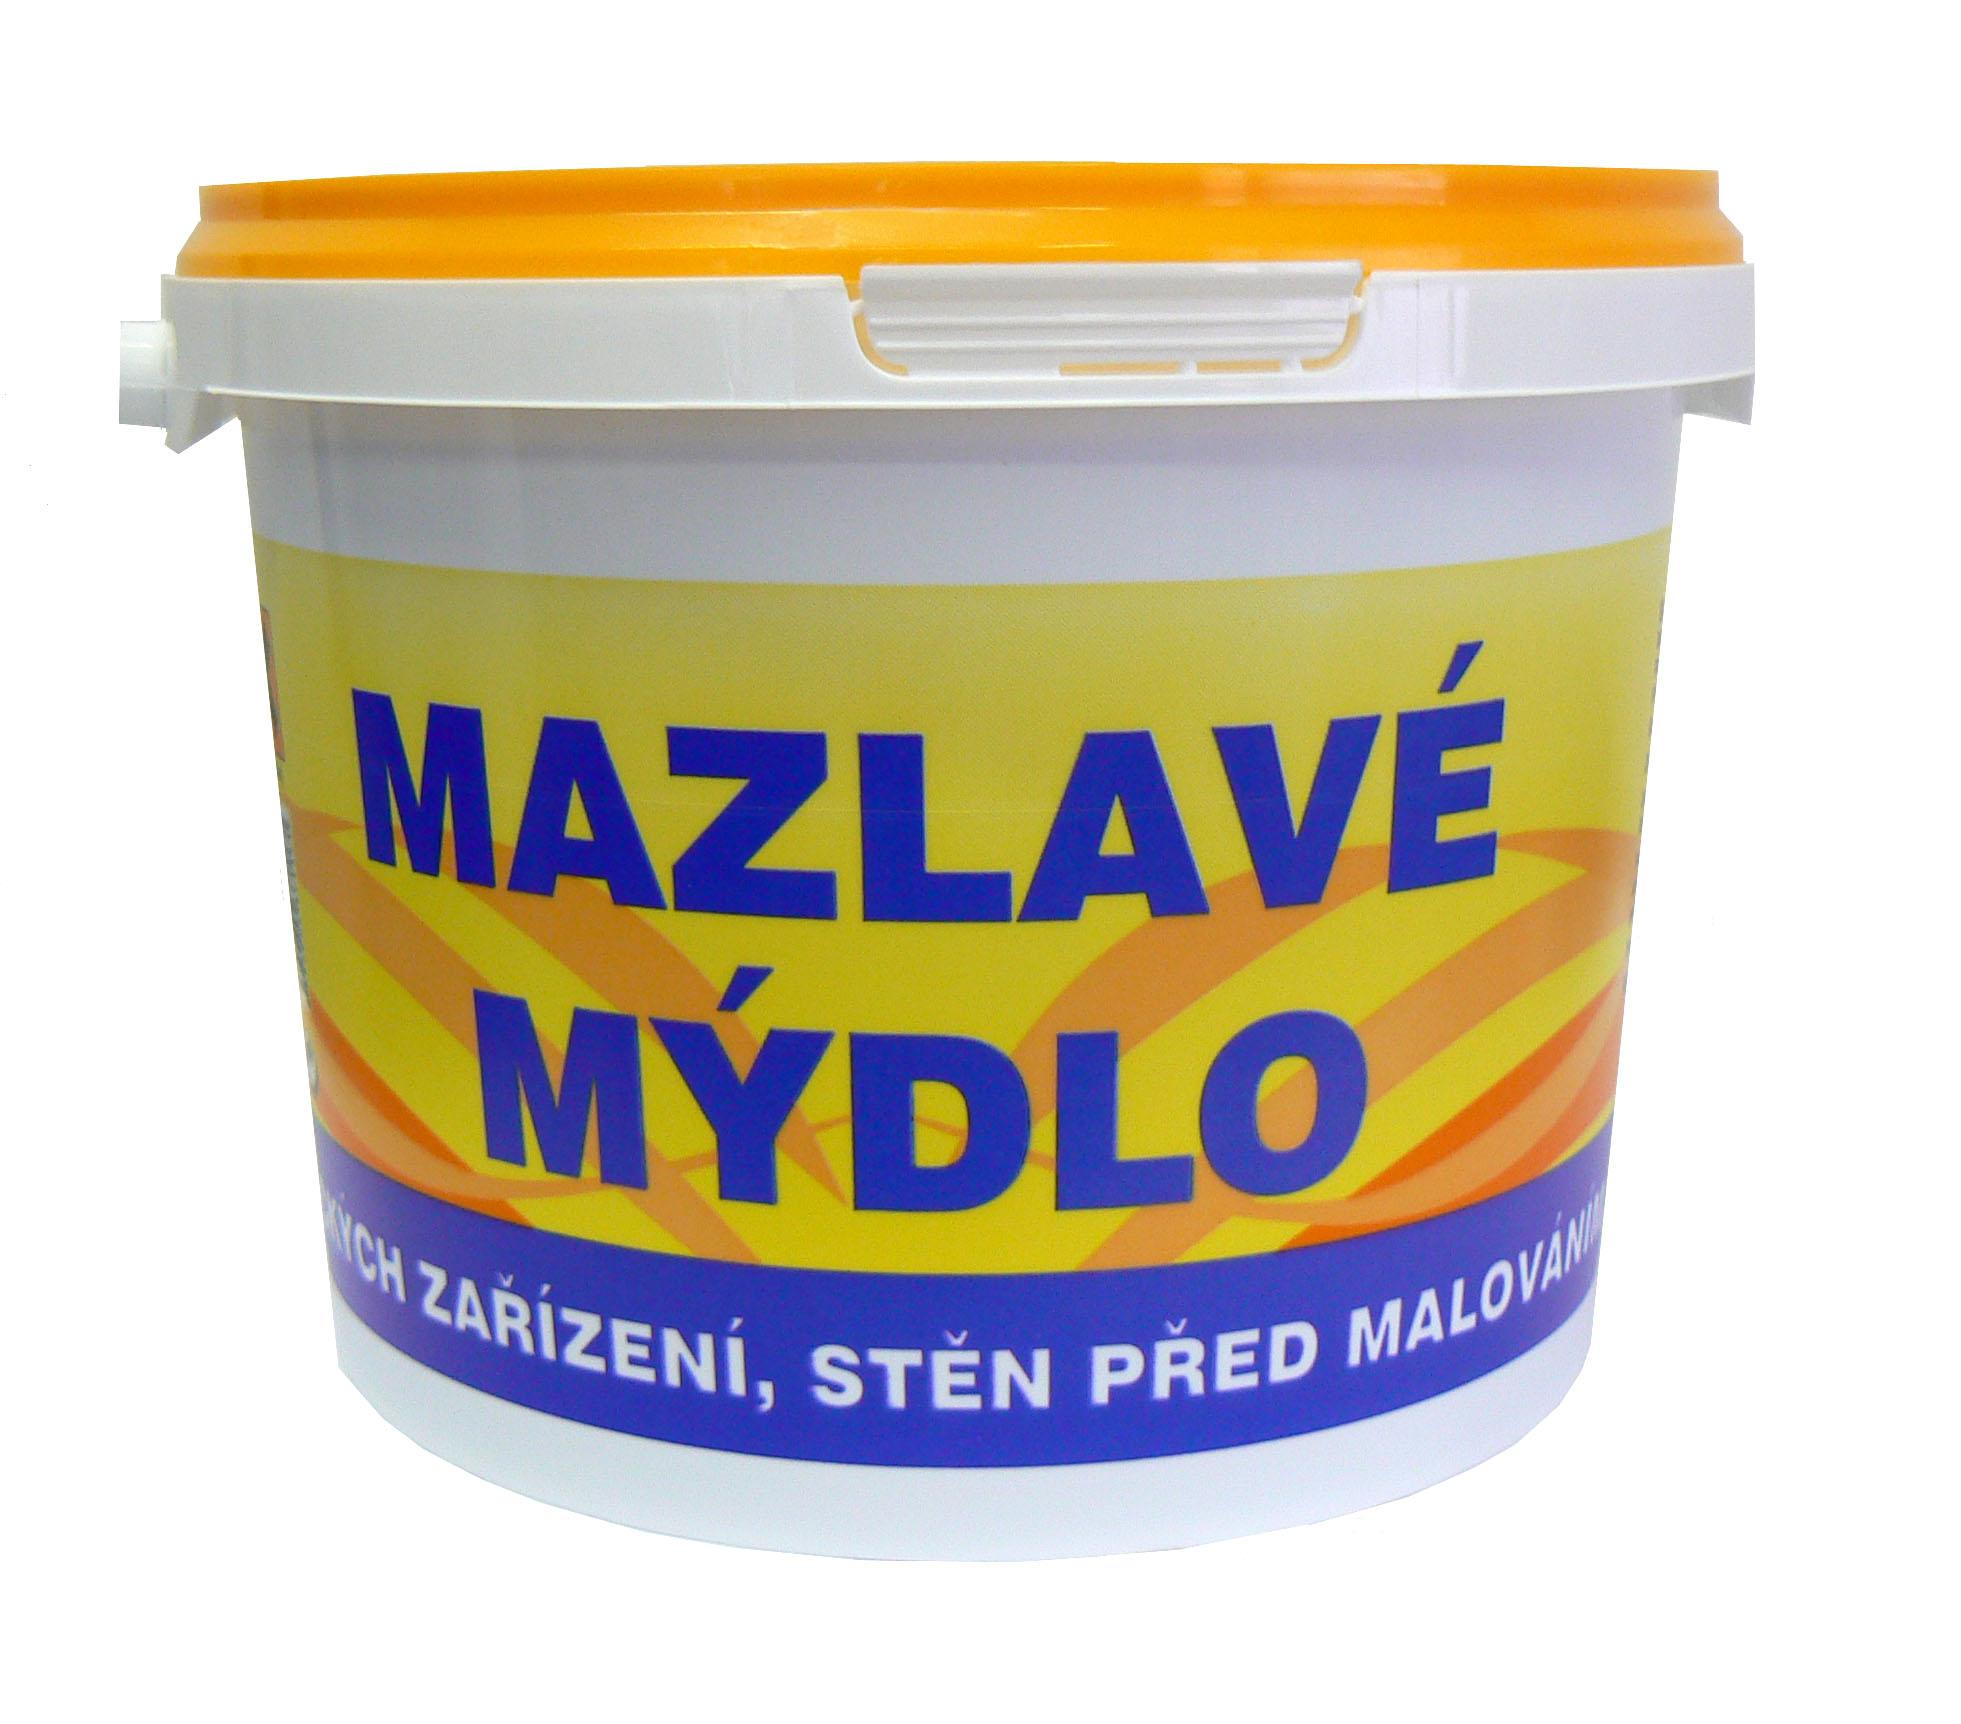 Fotografie Mazlavé mýdlo draselné mýdlo bez aditiv a konzervantů mycí prostředek 2 kg